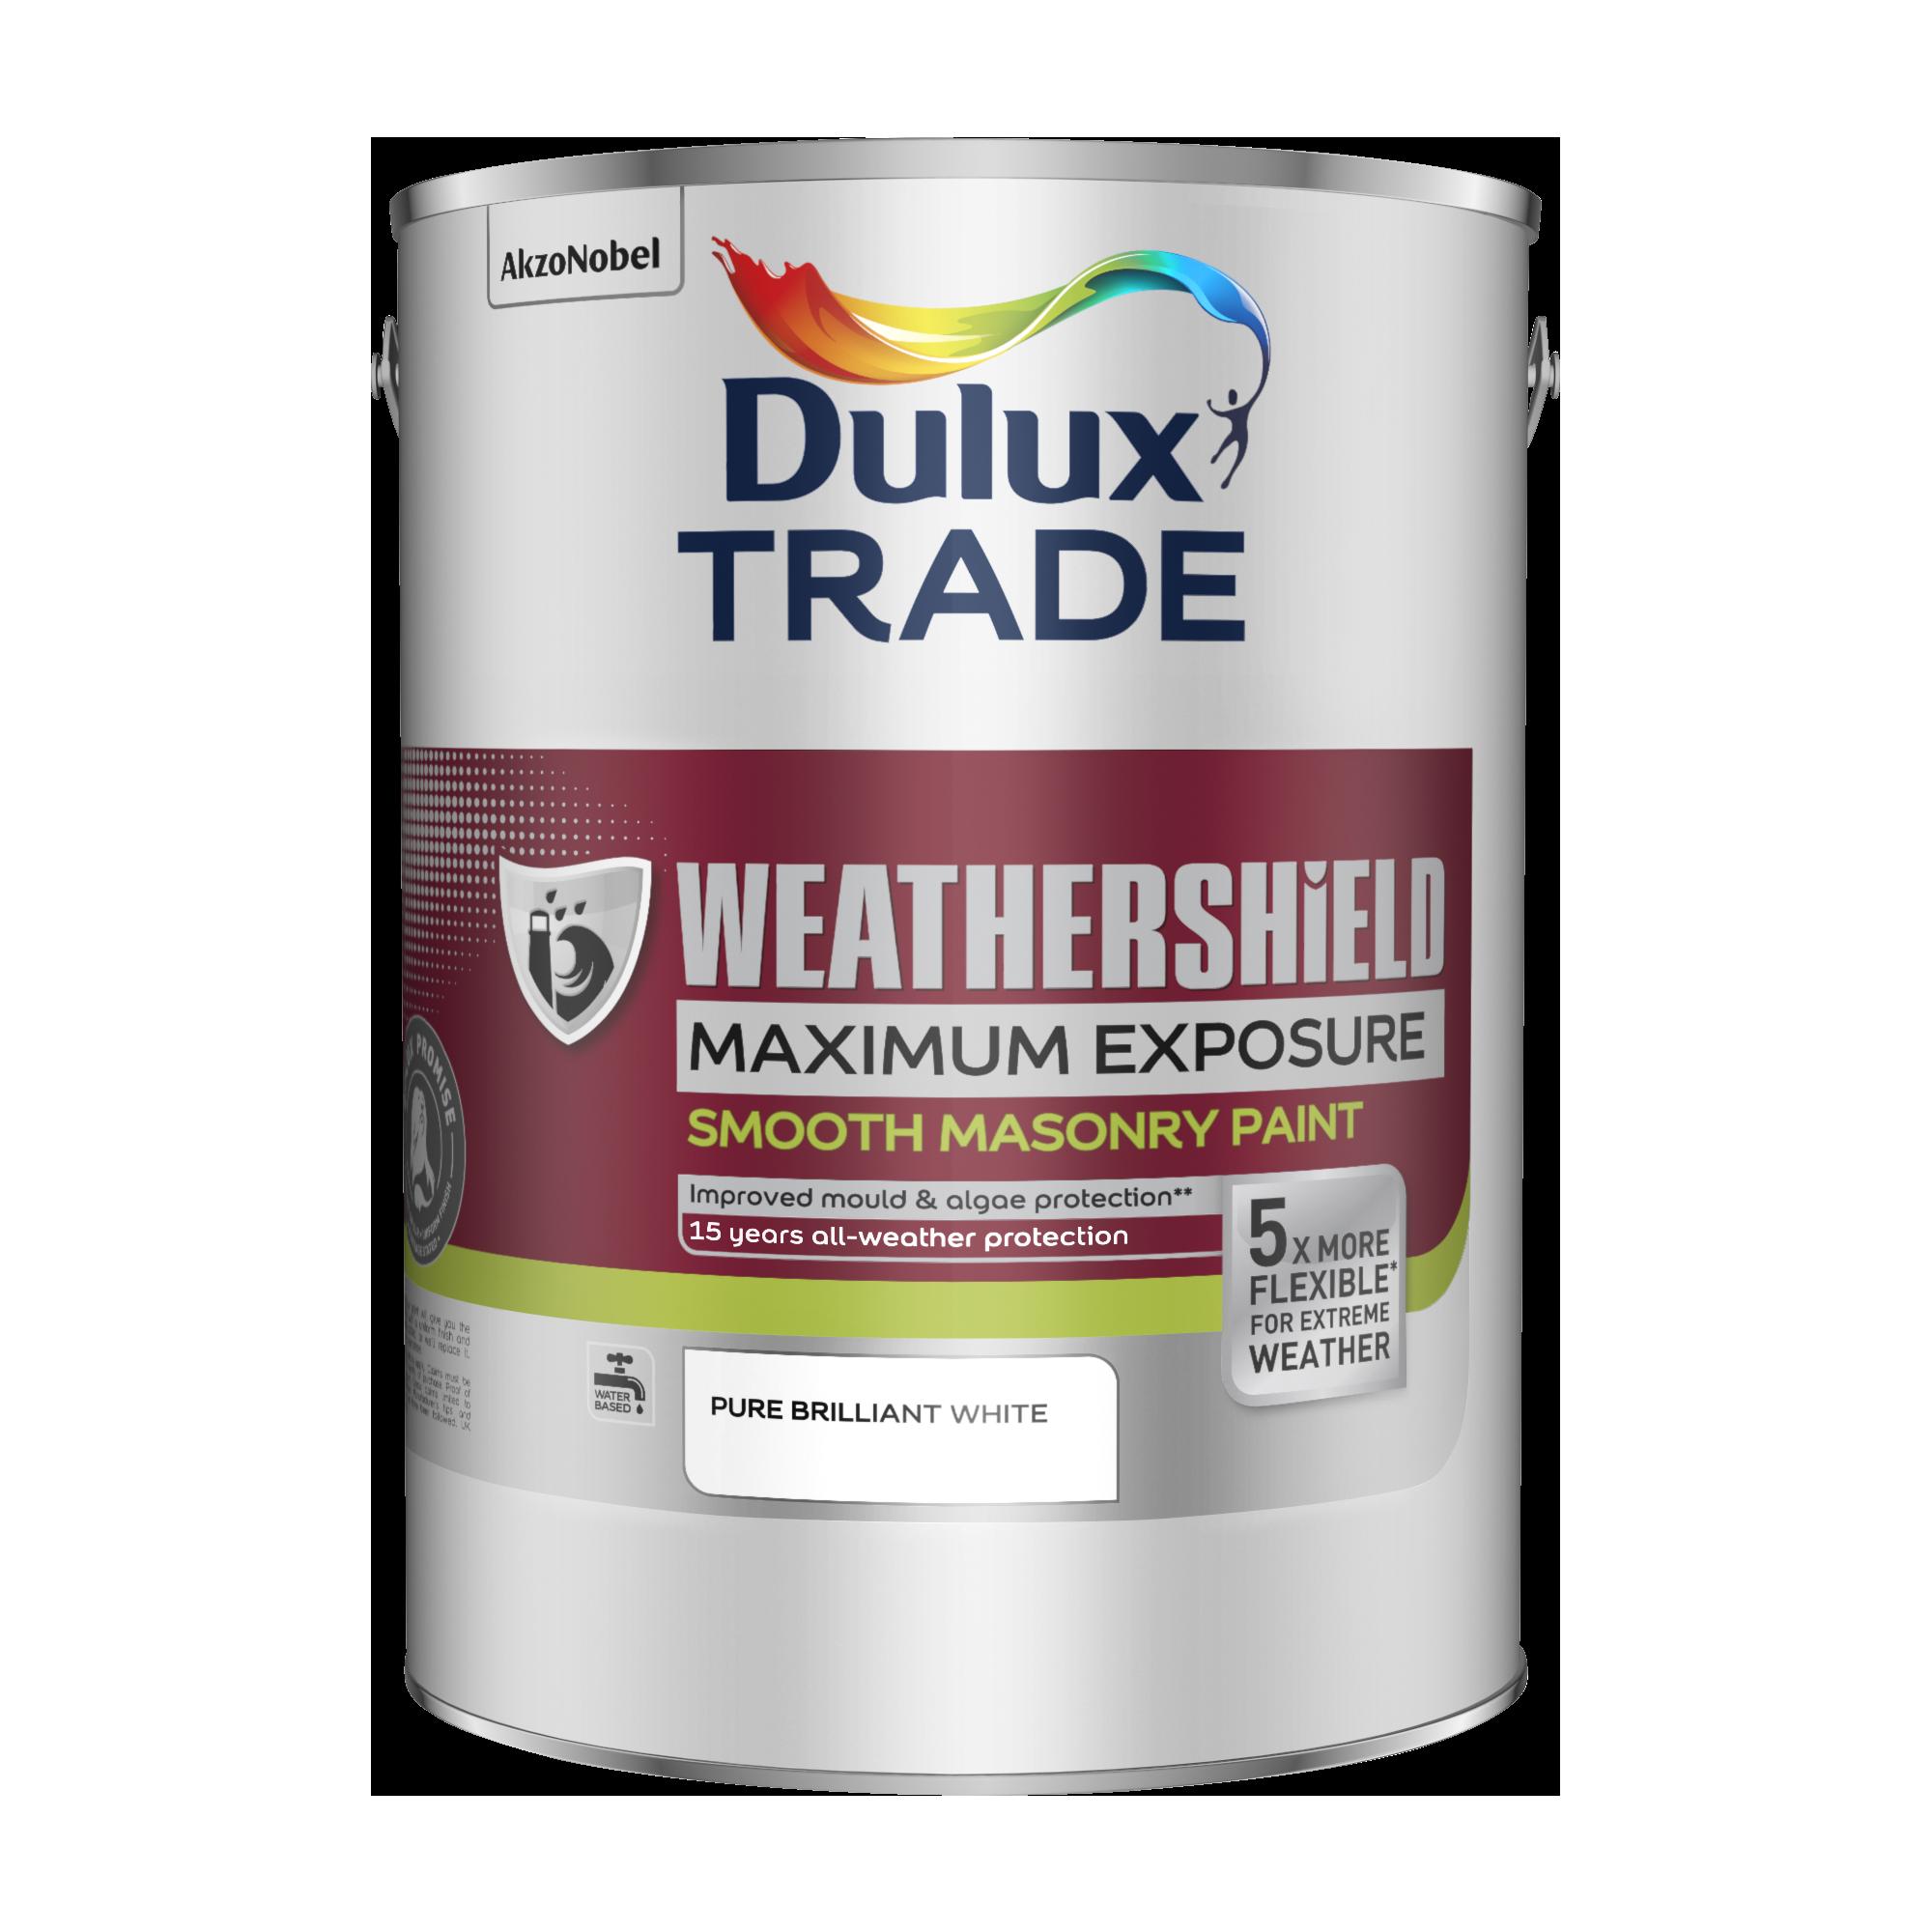 Dulux Trade Weathershield Maximum Exposure Smooth Masonry Paint